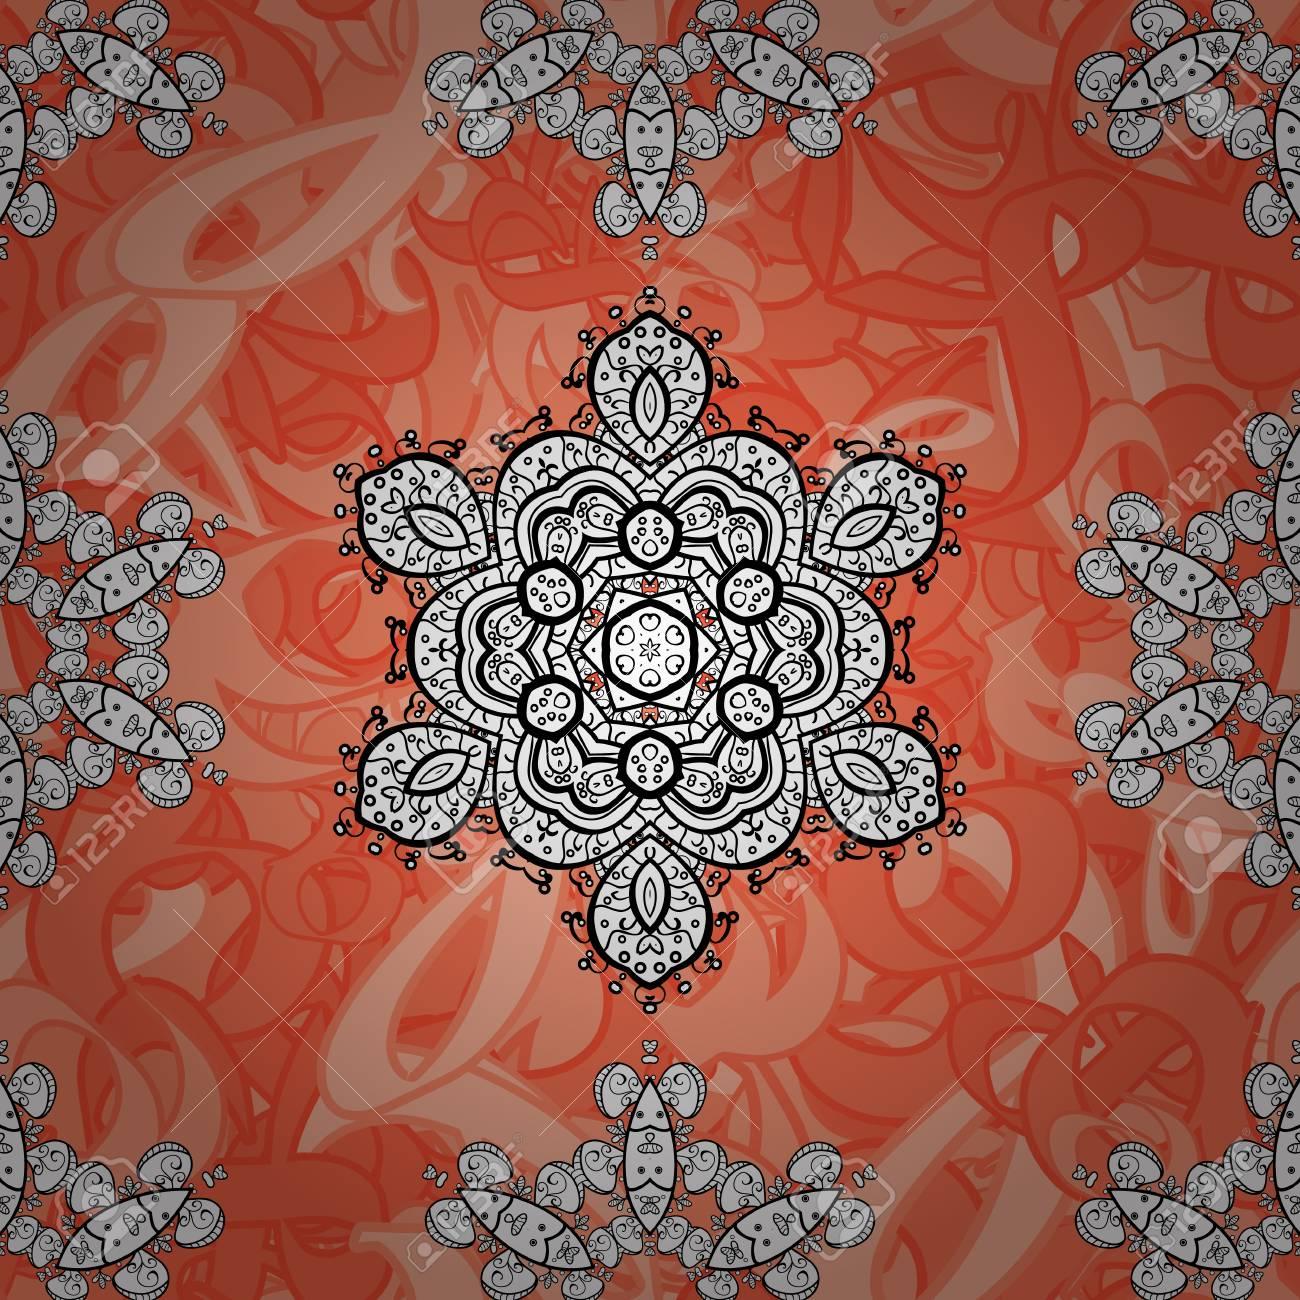 抽象的な花綺麗な模様。斑点を付けられたベクトル イラスト。背景。背景